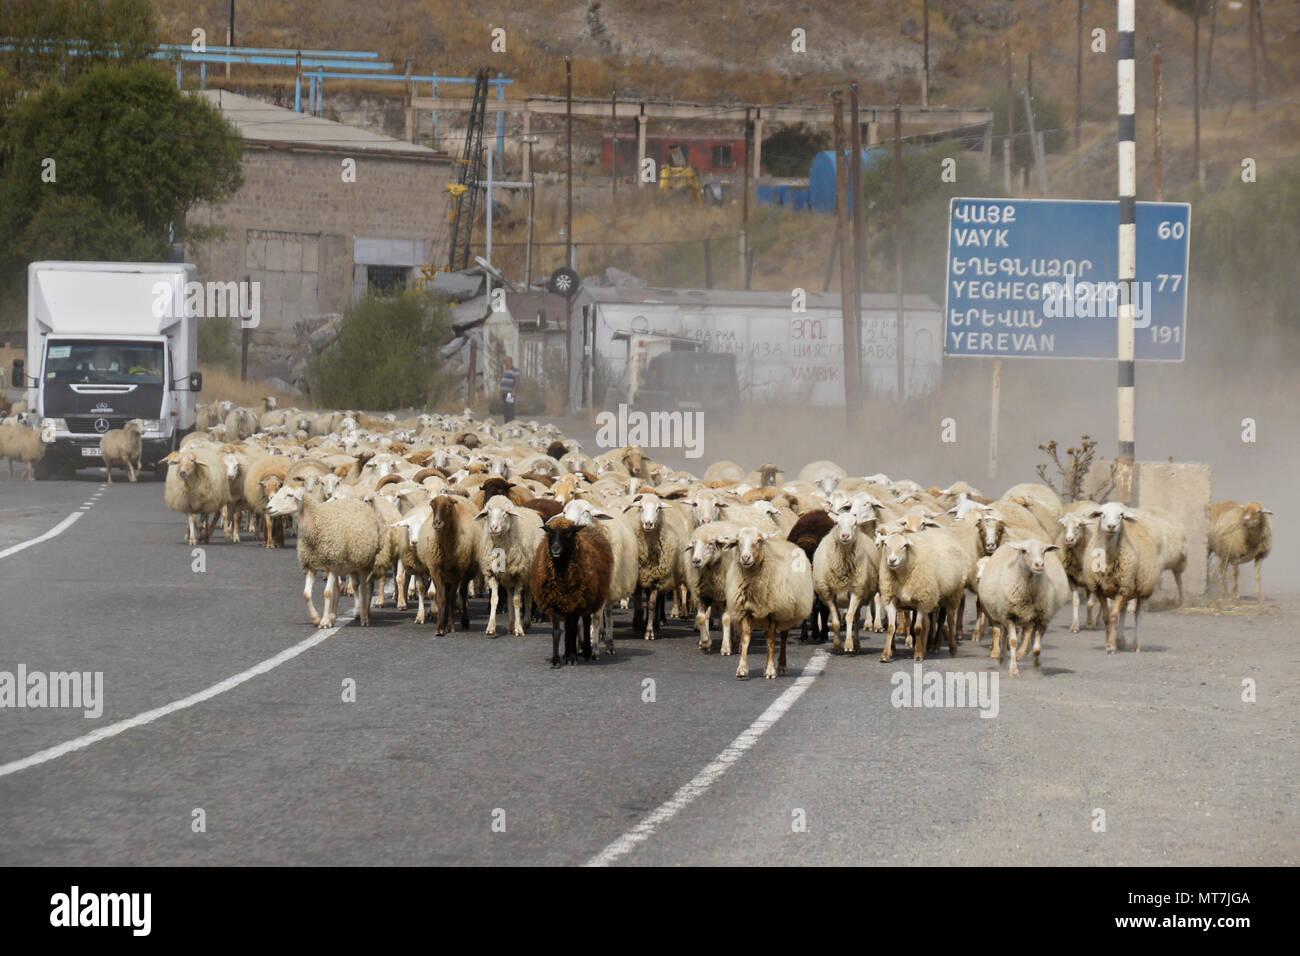 SISIAN, Armenia, 27 de septiembre de 2017. Un rebaño de ovejas bloquea el tráfico como camina pasado un signo de distancia bilingües en la carretera a través de la ciudad. Foto de stock